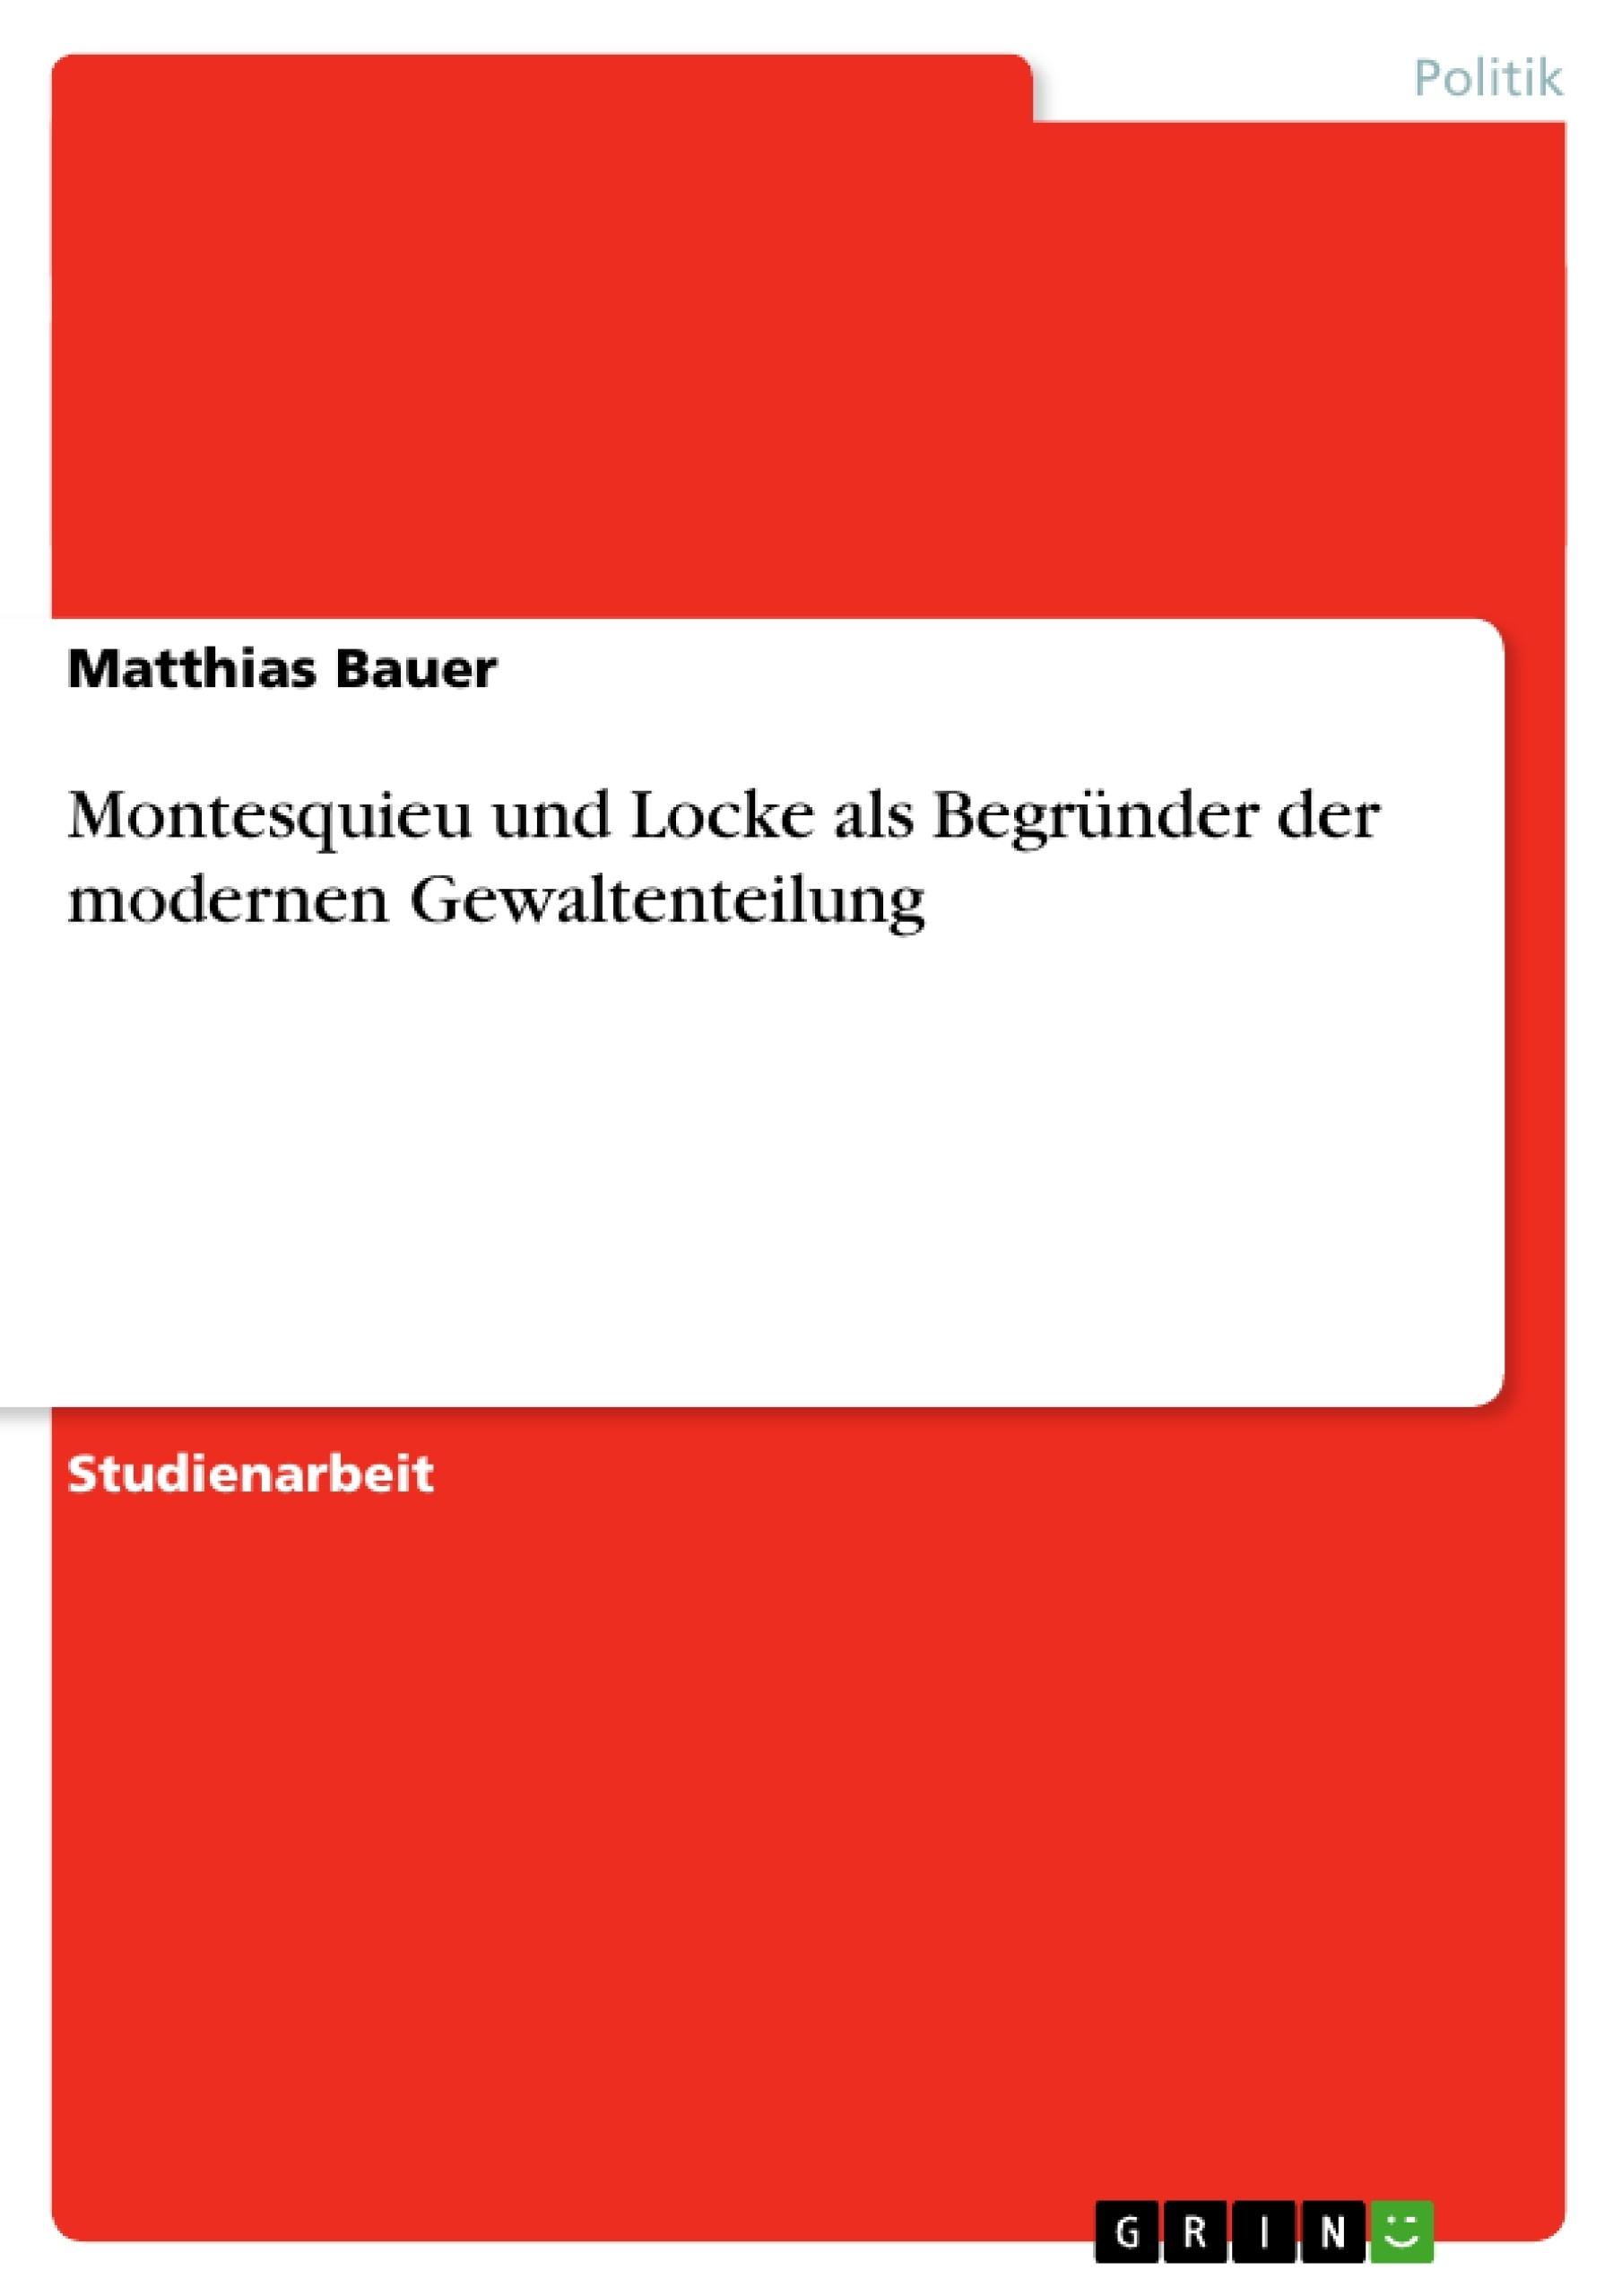 Titel: Montesquieu und Locke als Begründer der modernen Gewaltenteilung